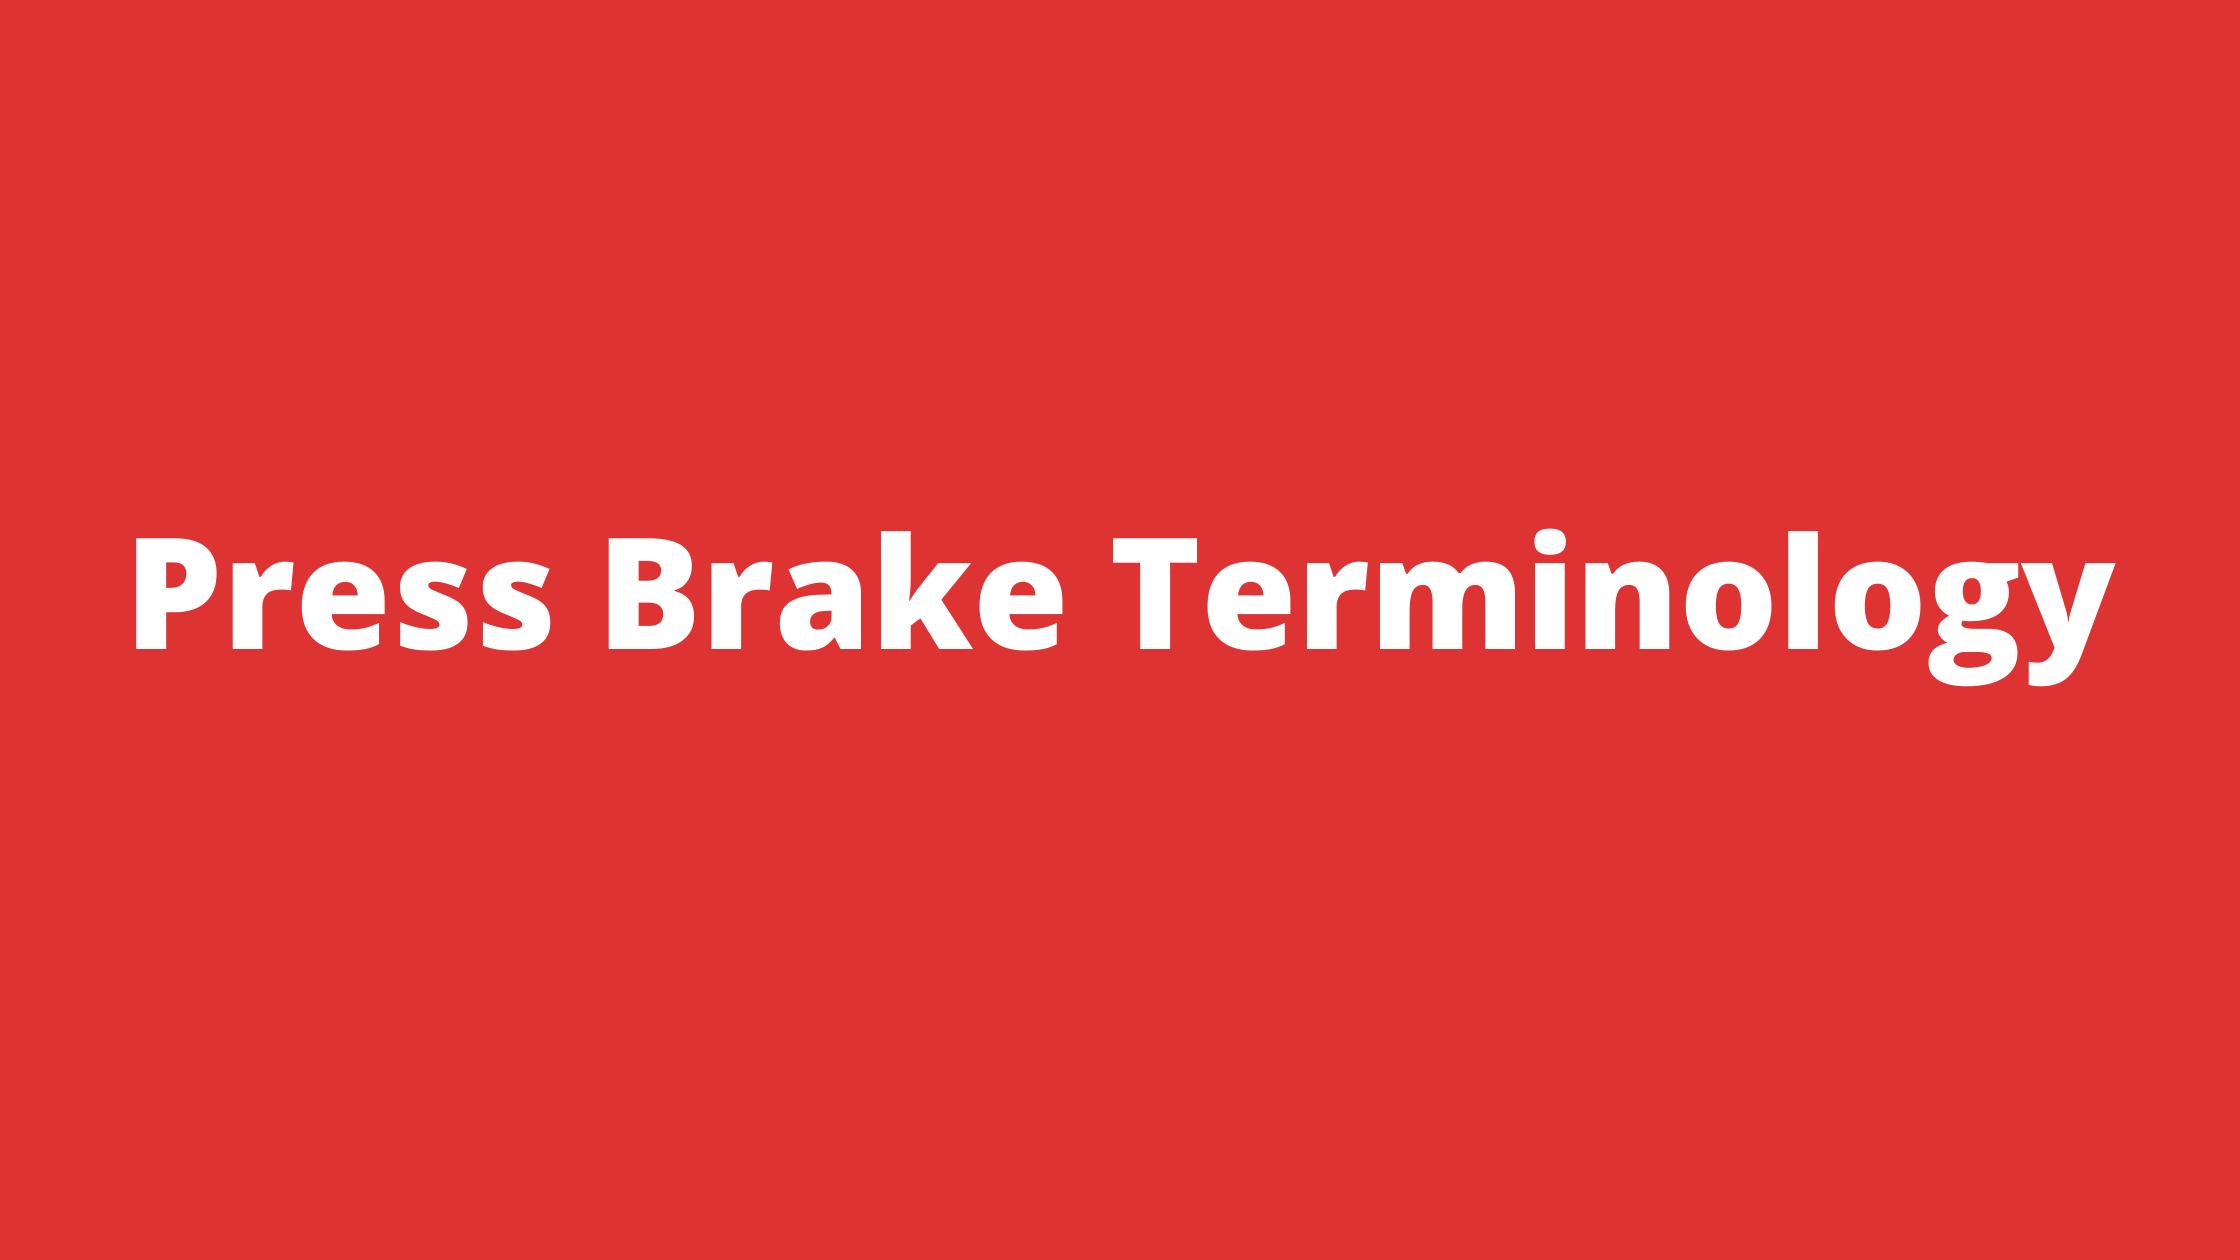 Press Brake Terminology